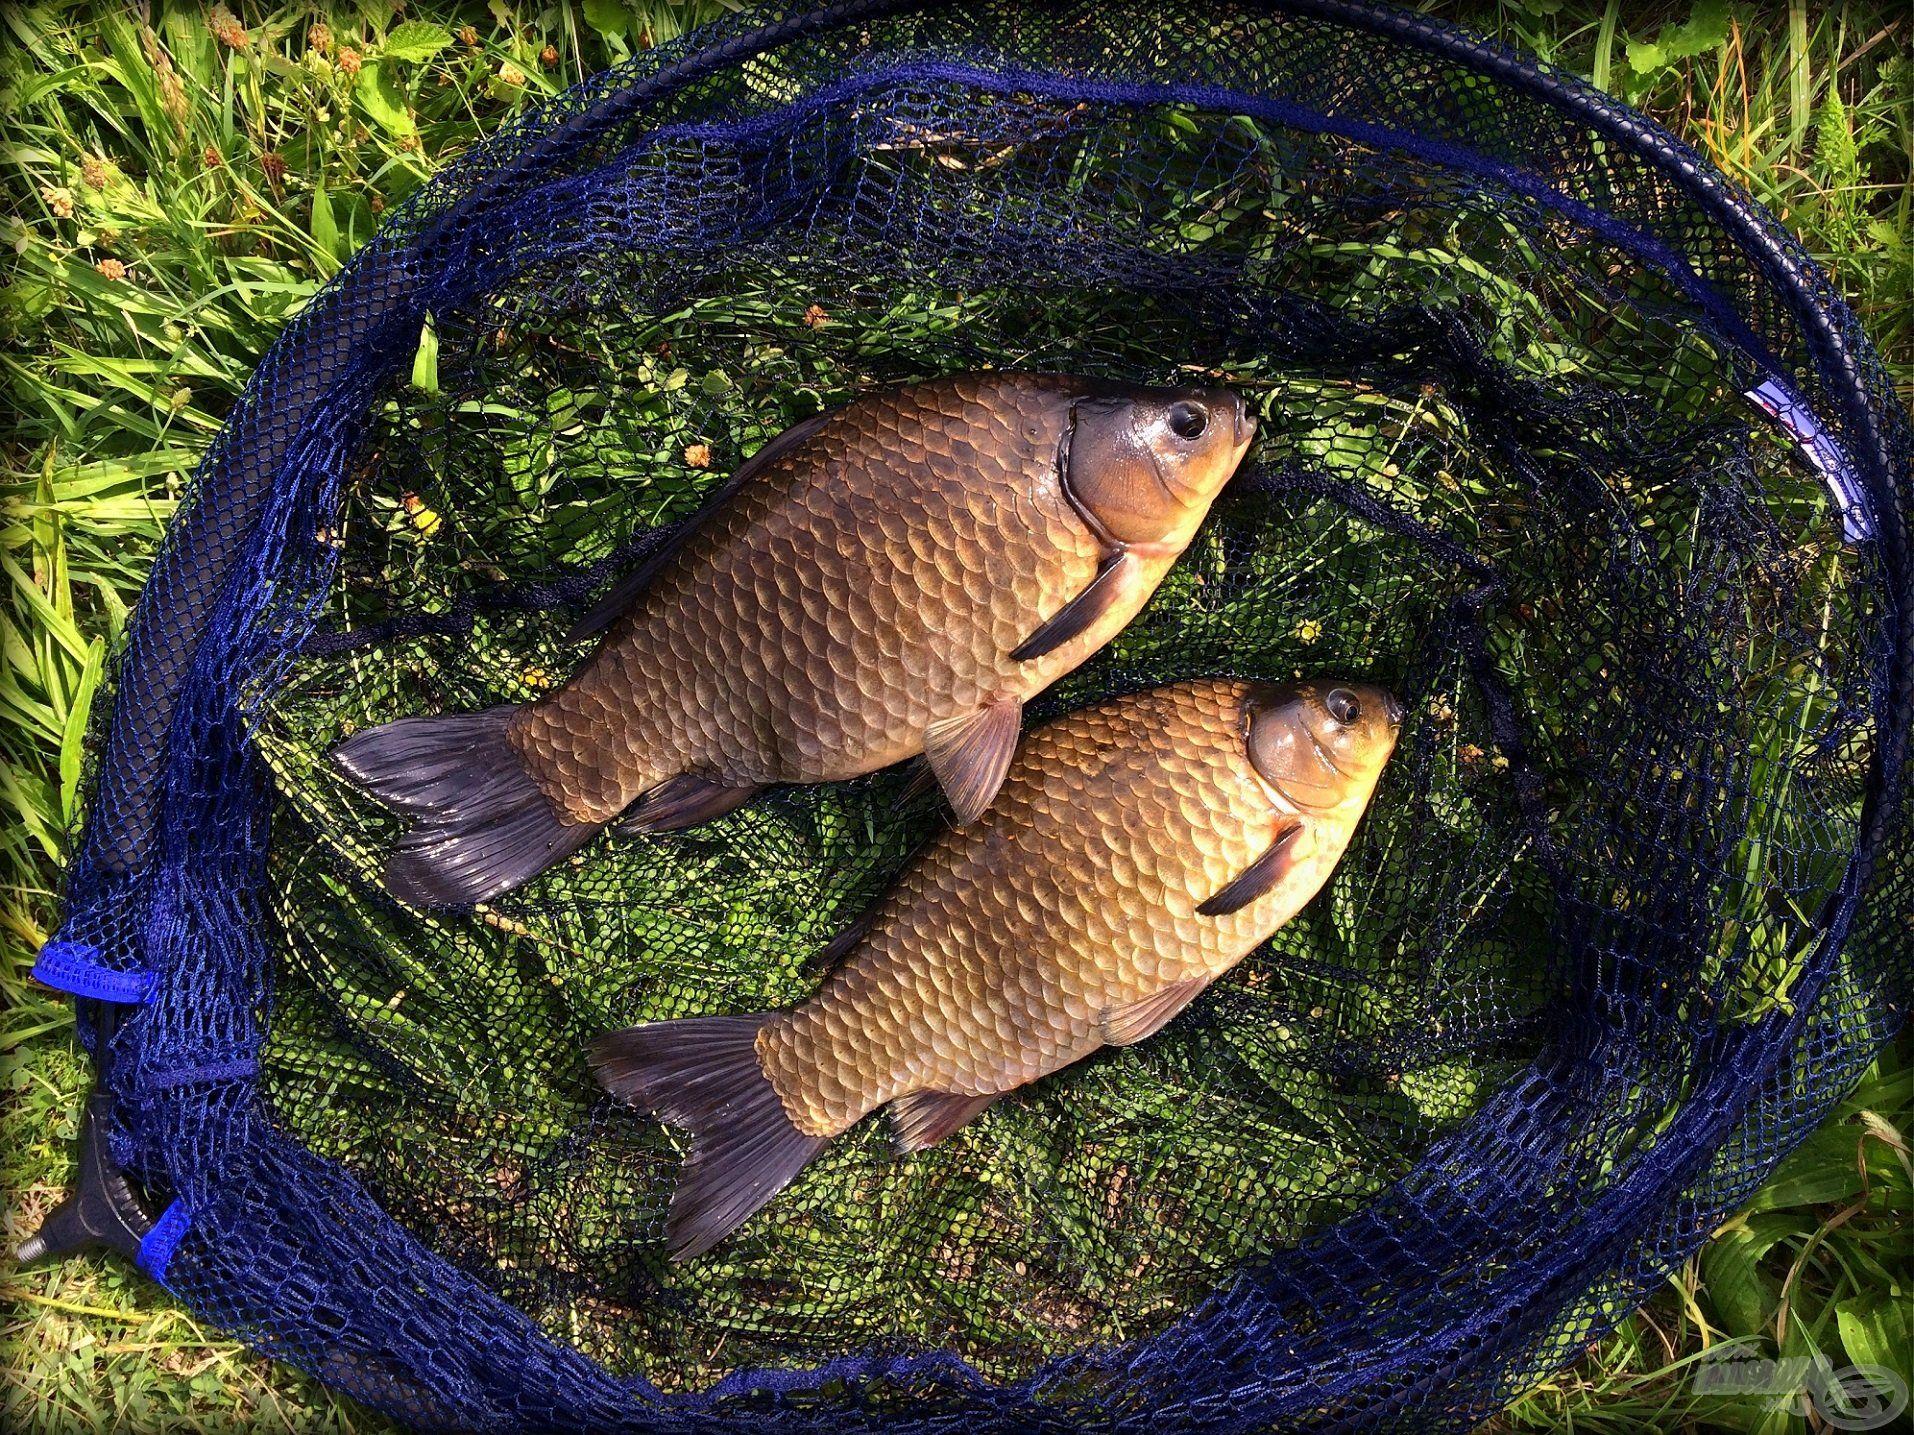 Etetés nélkül is lehet halat fogni